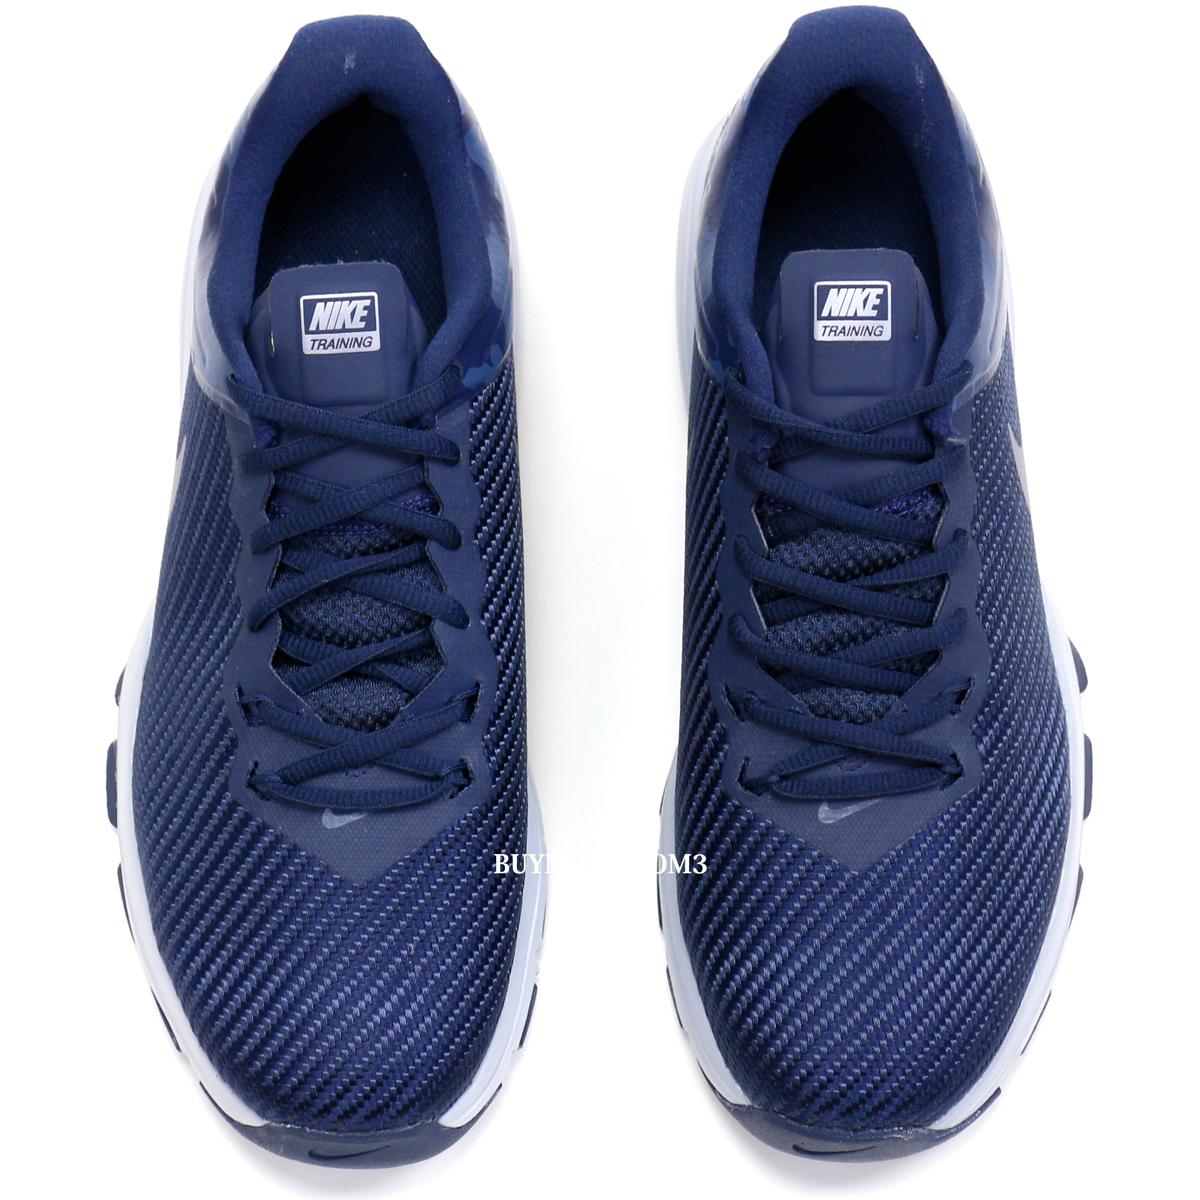 新品 Nike Air Max Full Ride TR 1.5 ナイキ エア マックス フル ライド TR 1.5 スニーカー 28㎝ ネイビーカモ 869633-401 ◆QZ014_画像3